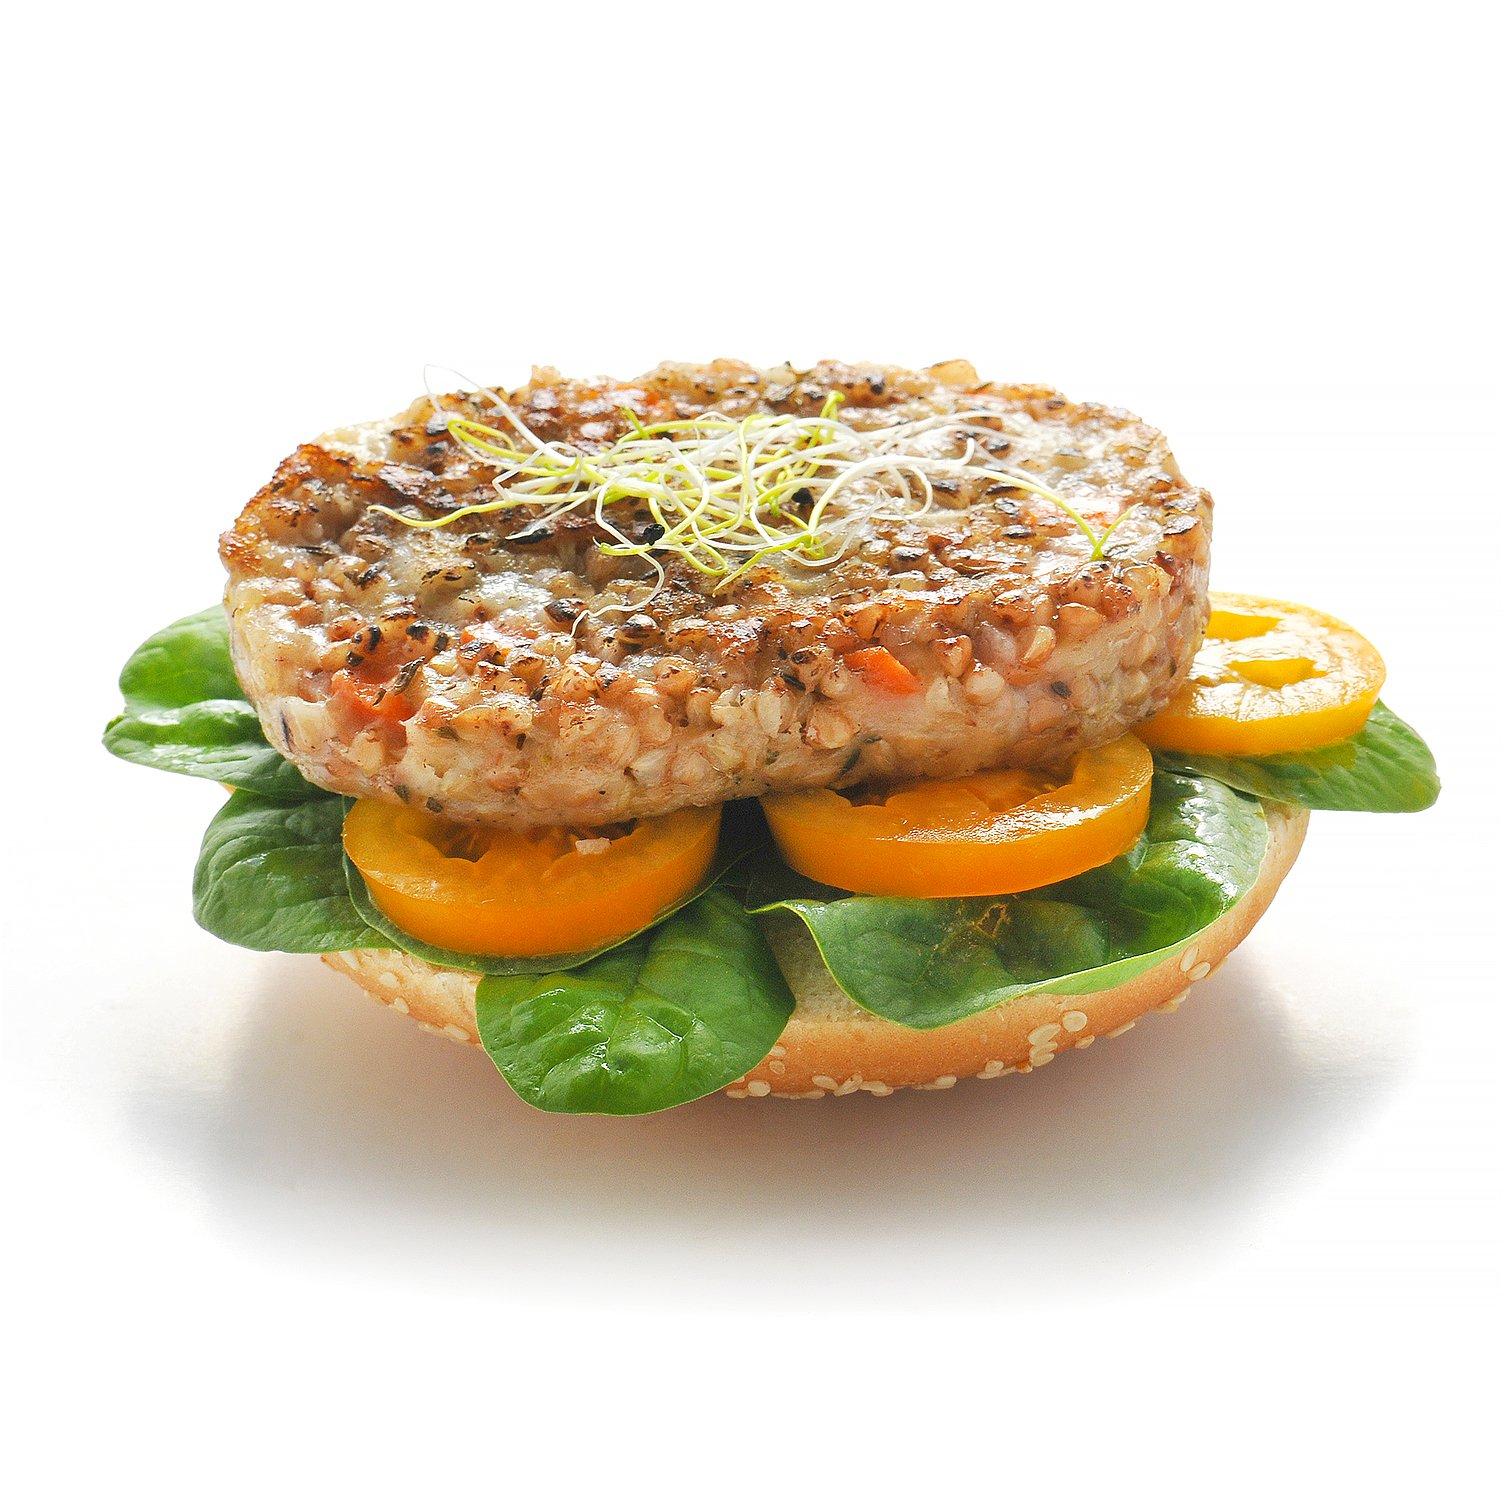 Burger avec galette végétale au sarassin emmental